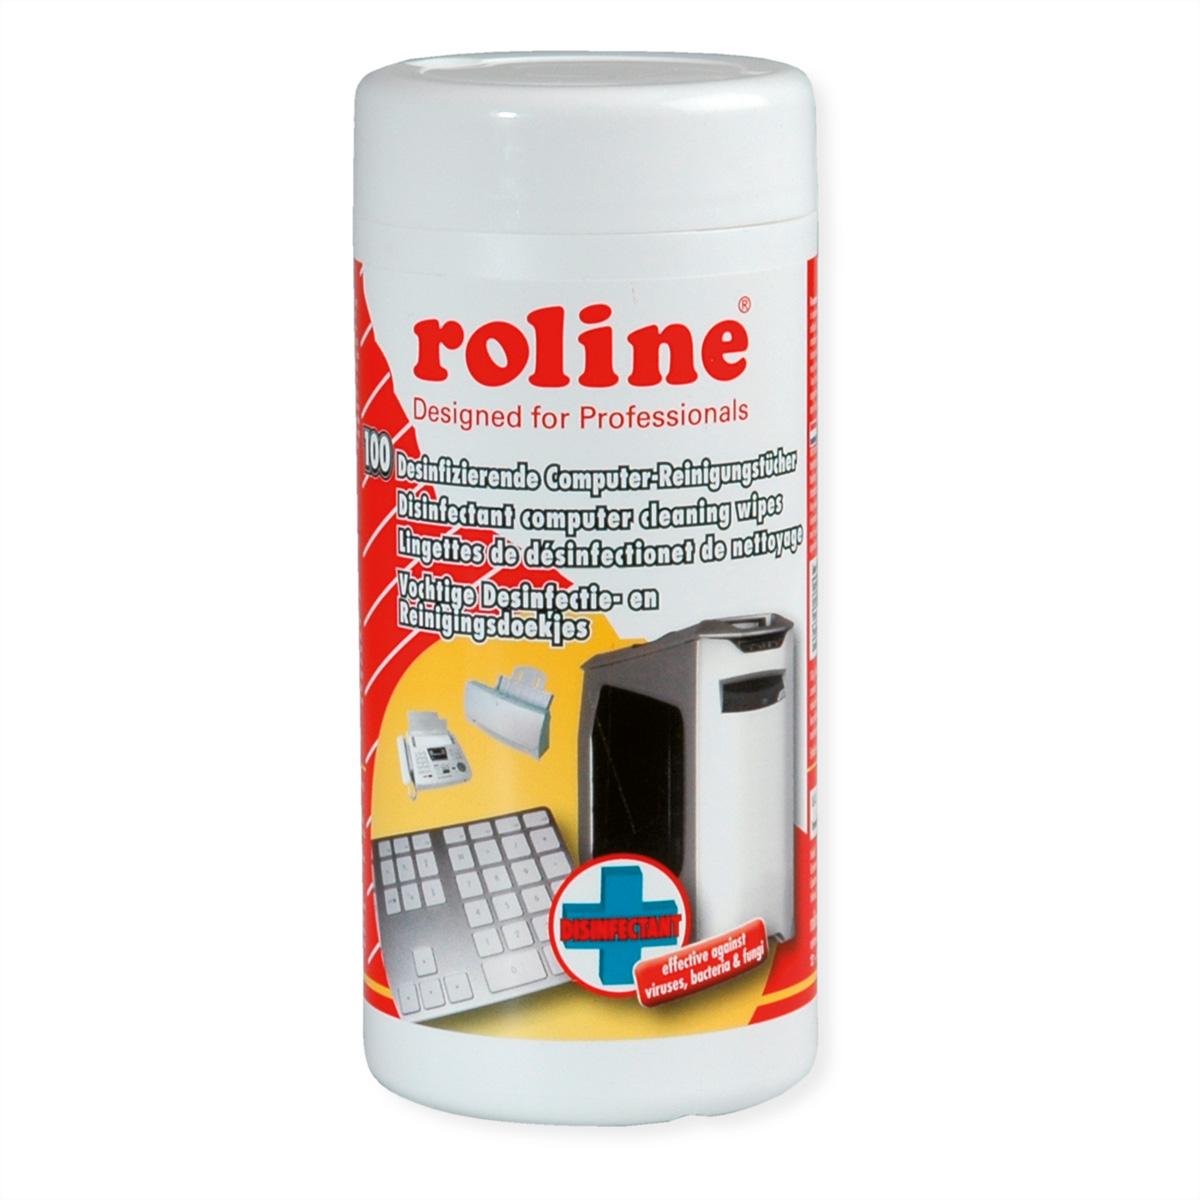 ROTRONIC-SECOMP Desinfizierende Computer Reinigungstücher 100 Stueck